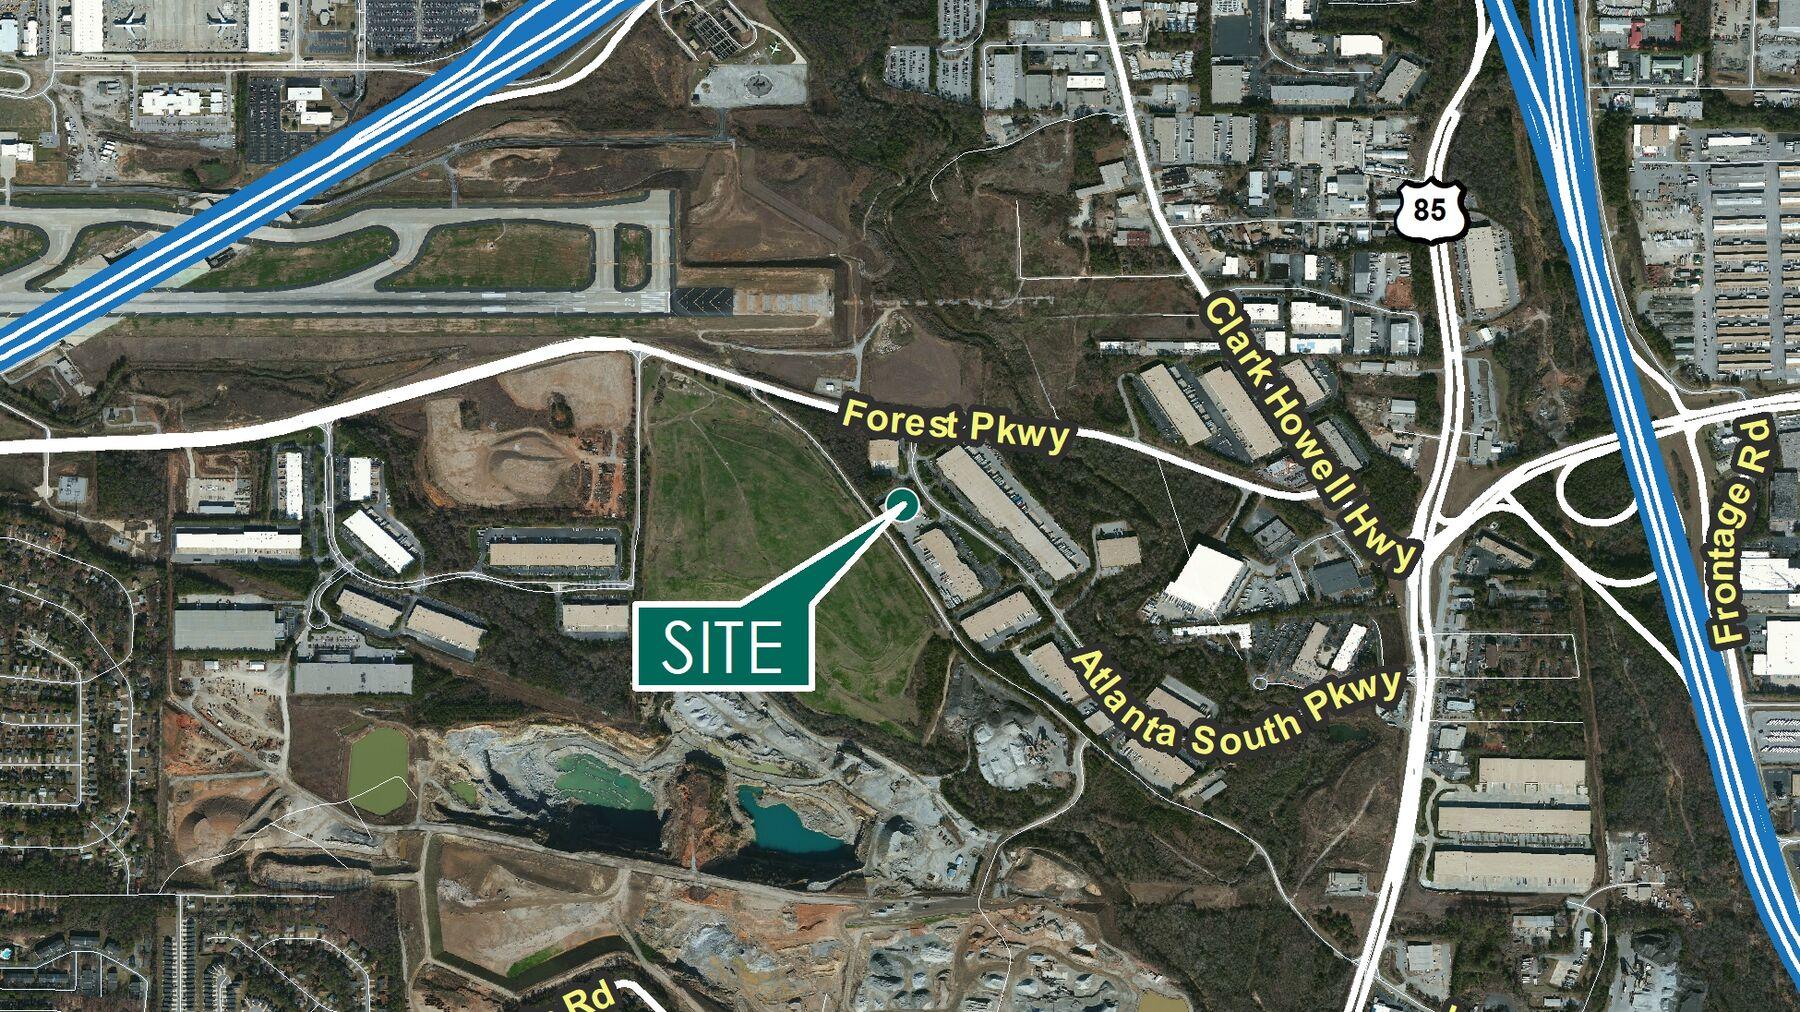 DPM-790-Atlanta-South-Pkwy-Flyer-Aerial.jpg